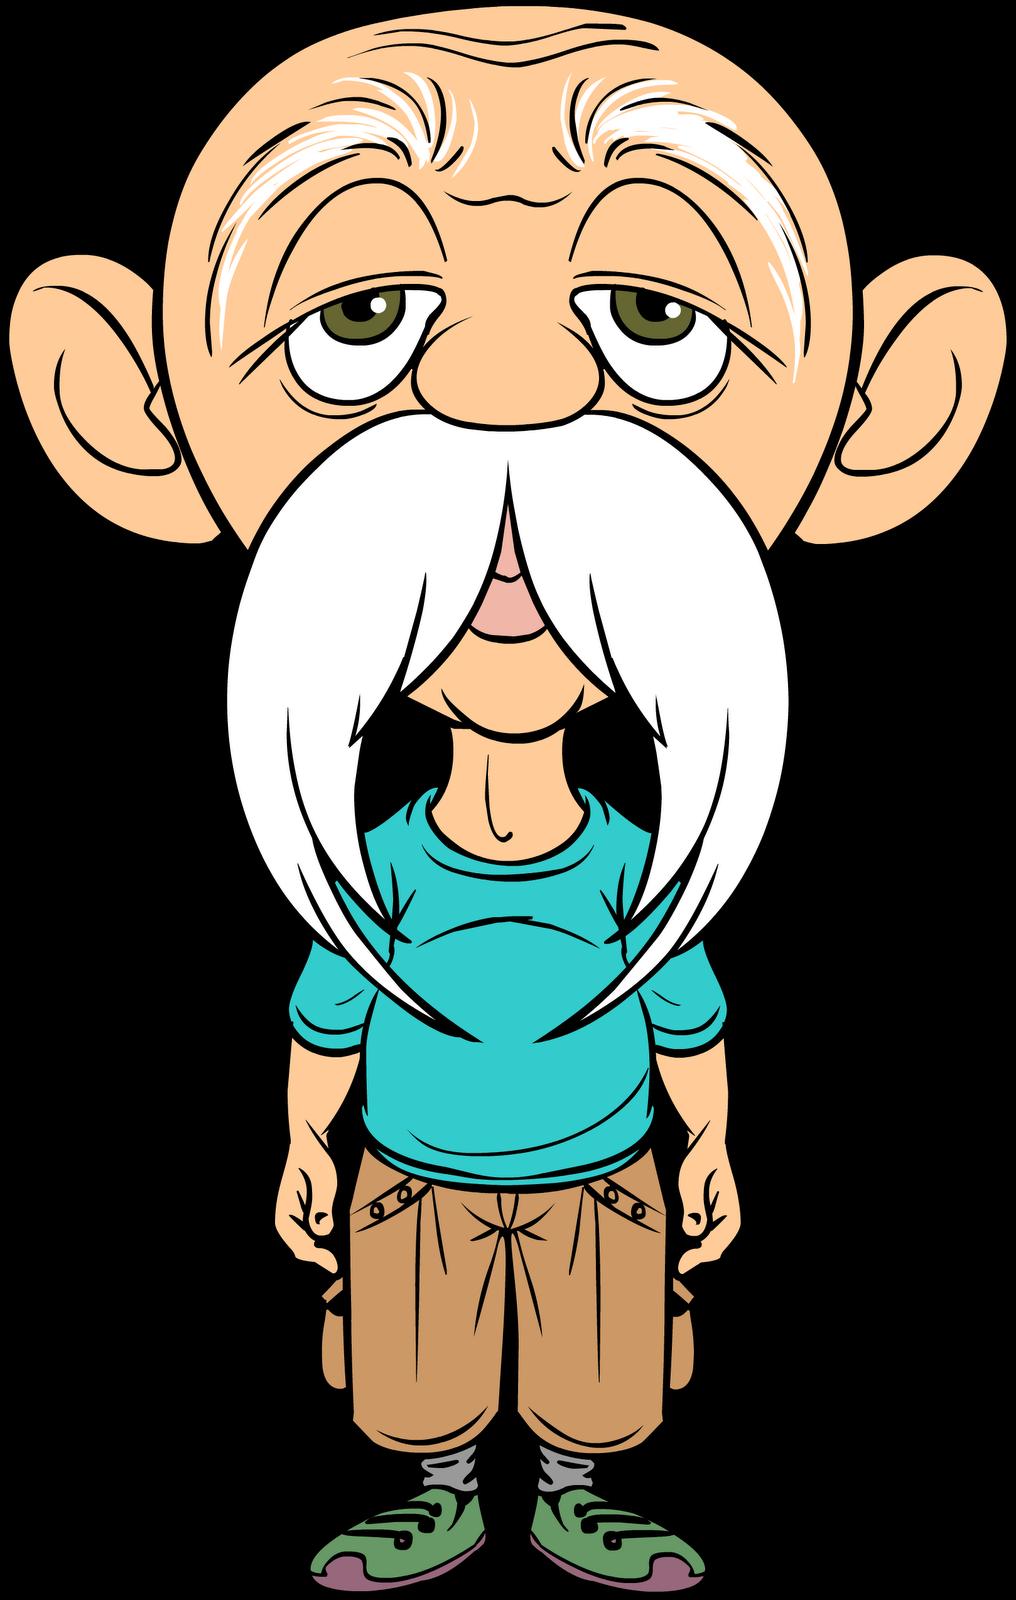 Napping house clipart svg old man cartoon - Szukaj w Google | Mężczyźni | Pinterest | Cartoon ... svg